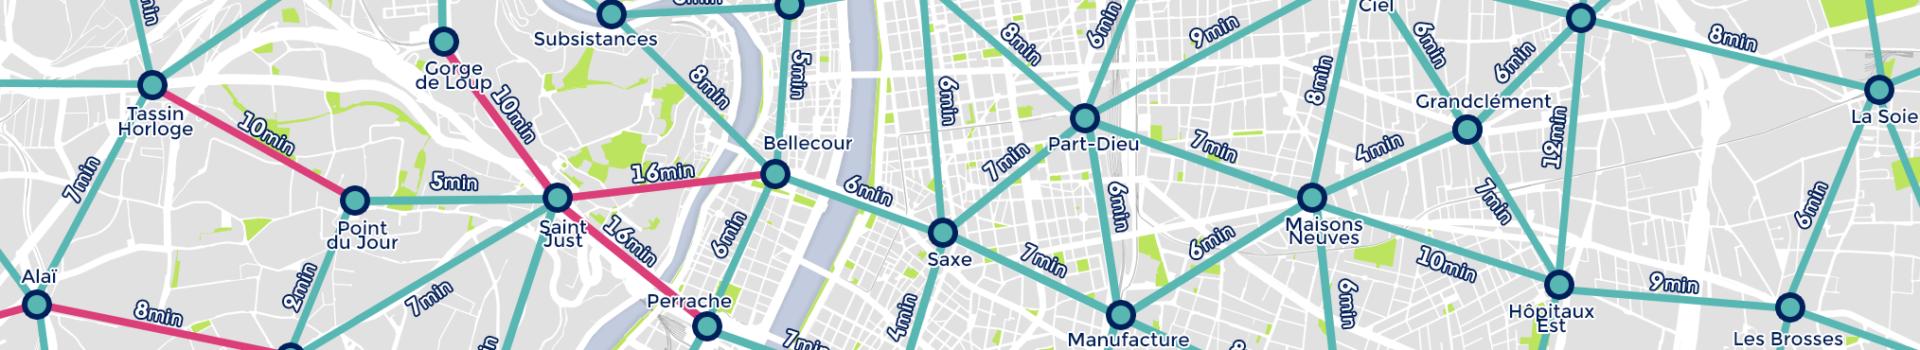 Carte des temps de trajet : le vélo est le mode le plus rapide pour circuler au sein de la métropole